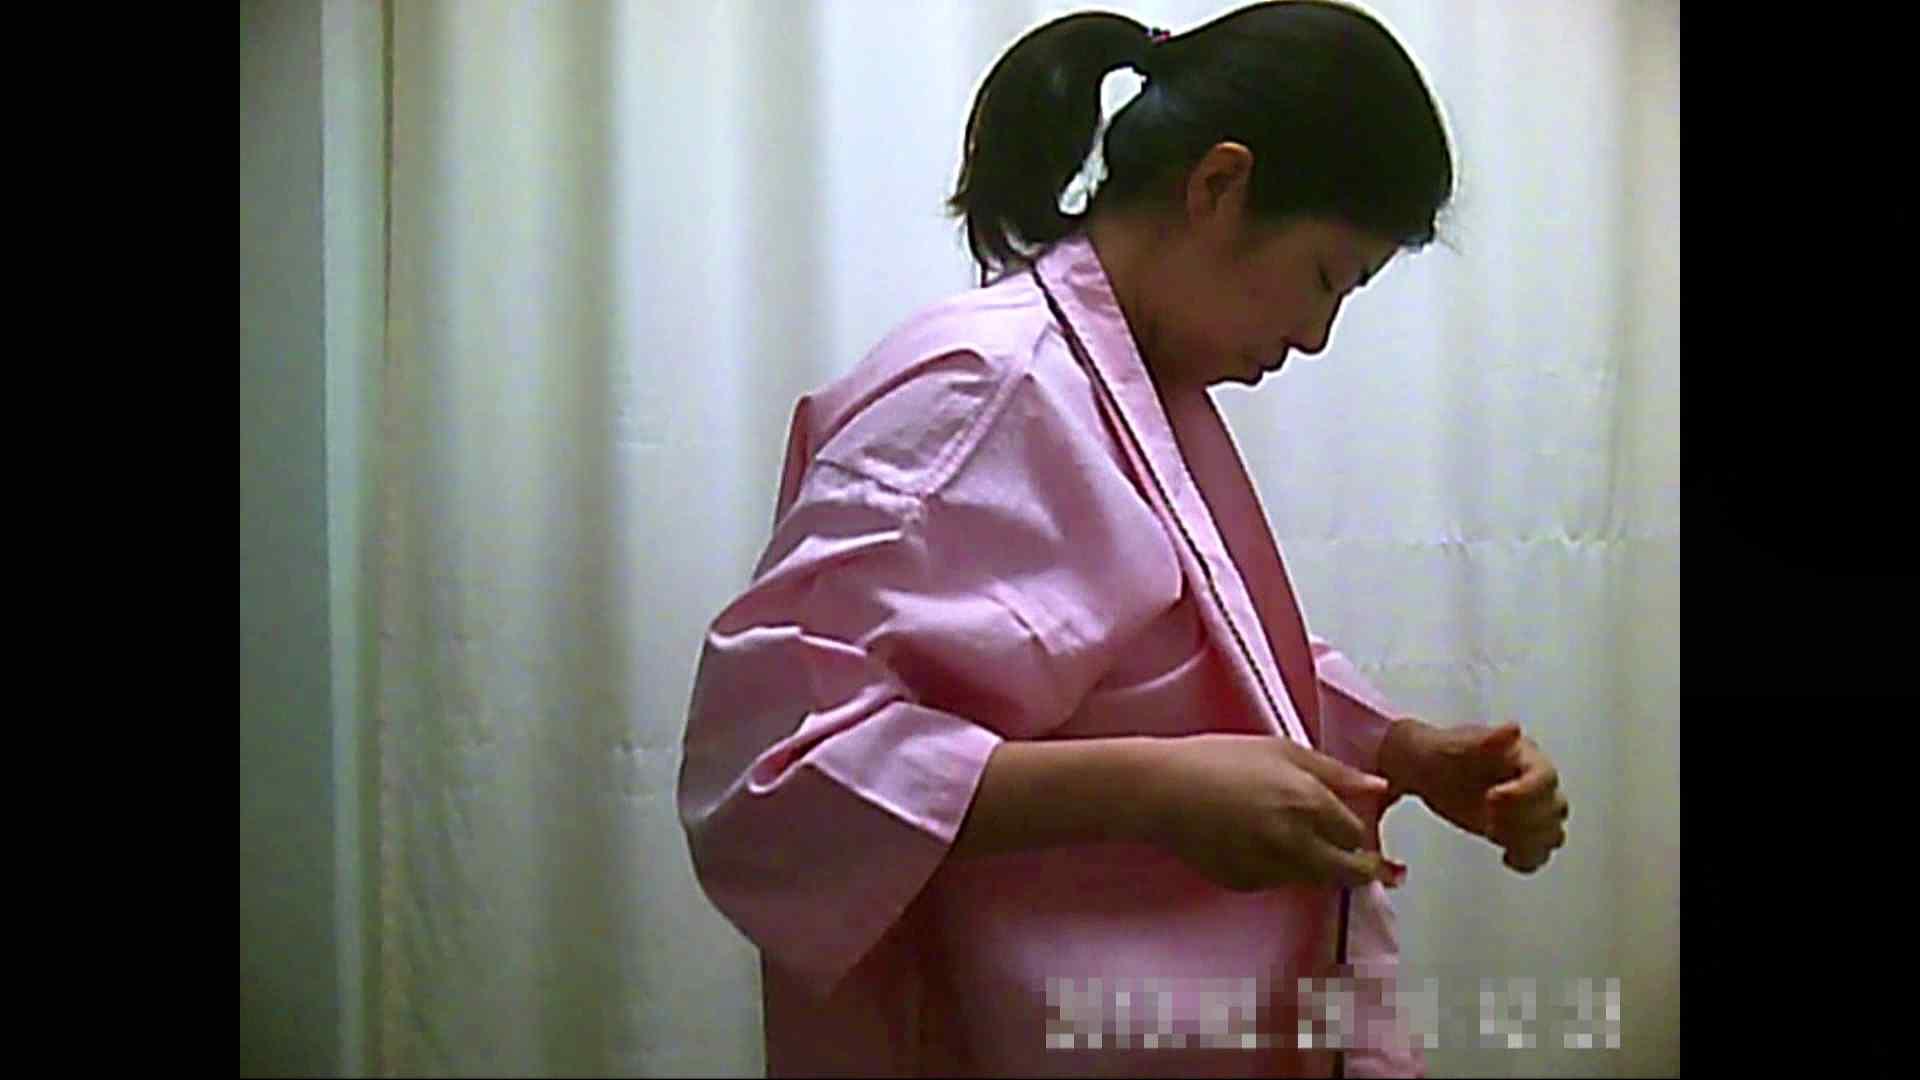 元医者による反抗 更衣室地獄絵巻 vol.103 OLハメ撮り  89Pix 6